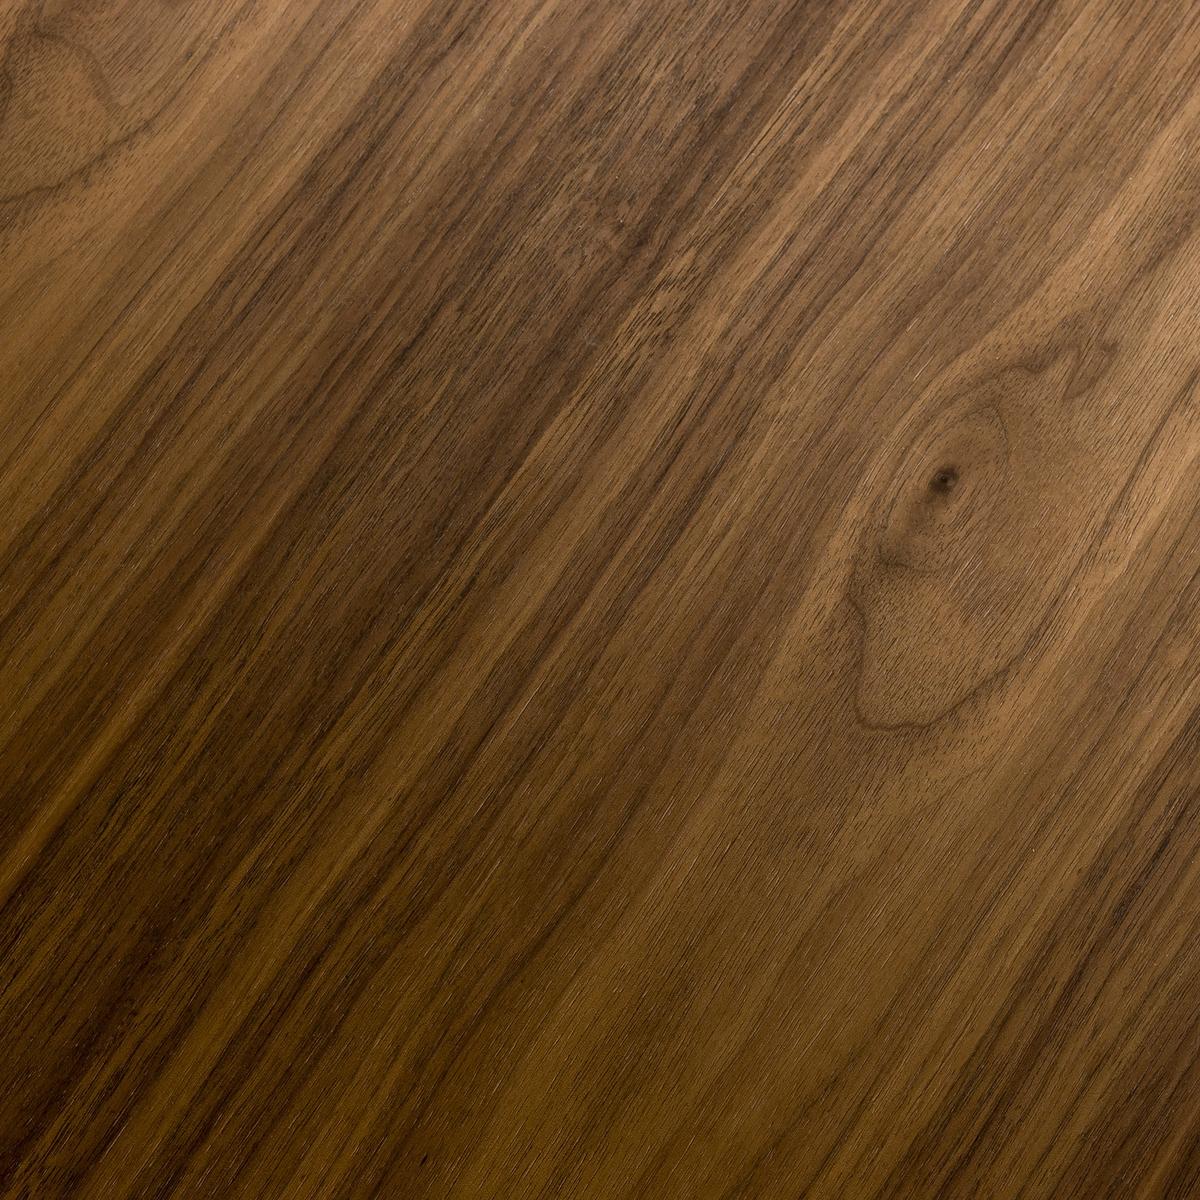 Журнальный столик из каучукового дерева с лакированным покрытием Дл120 см, FlashbackЖурнальный столик из каучукового дерева с лакированным покрытием Flashback. Если Вы склонны к ностальгии, то этот журнальный столик округлой формы добавит нотку ретро-стиля в декор Вашей комнаты.Характеристики: :- Столешница из МДФ с покрытием ореховое дерево. - Ножки из массива орехового дерева. Размеры : -  Д. 120 x В. 45 x Г. 60 см.Размеры и вес упаковки :- Шир. 129 x Выс. 9 x Гл. 69 см, 11 кг.Чтобы сохранить внешний вид лакированного покрытия столешницы, рекомендуем избегать ударов и порезов, от которых на покрытии остаются микроцарапины . Настоятельно рекомендуем использовать подставки под тарелки и стаканы.<br><br>Цвет: ореховый